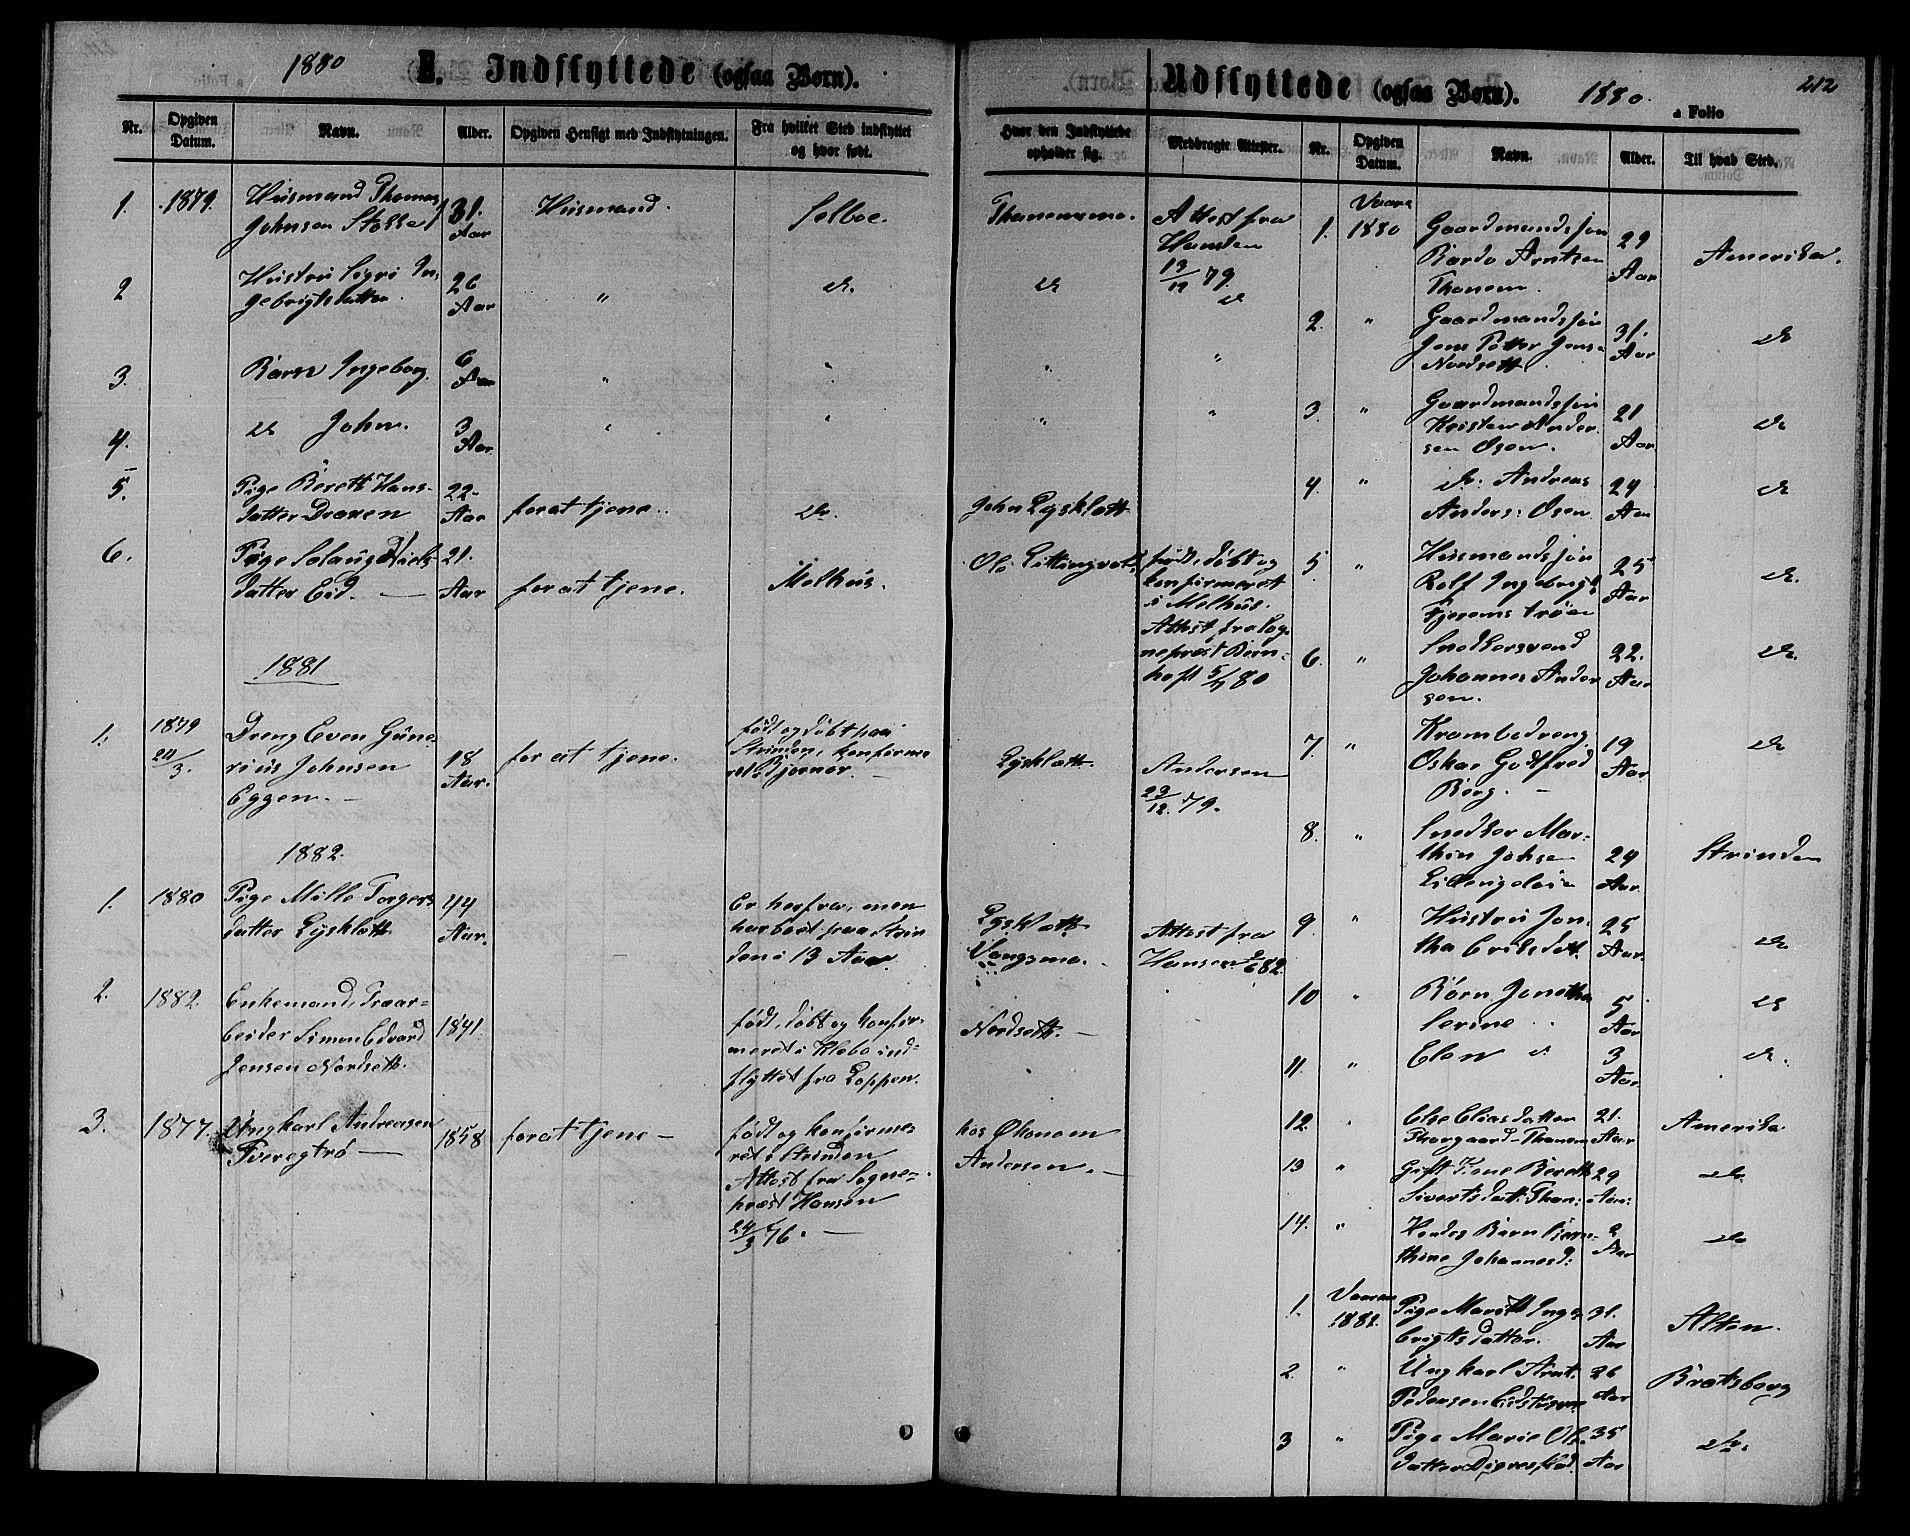 SAT, Ministerialprotokoller, klokkerbøker og fødselsregistre - Sør-Trøndelag, 618/L0451: Klokkerbok nr. 618C02, 1865-1883, s. 212